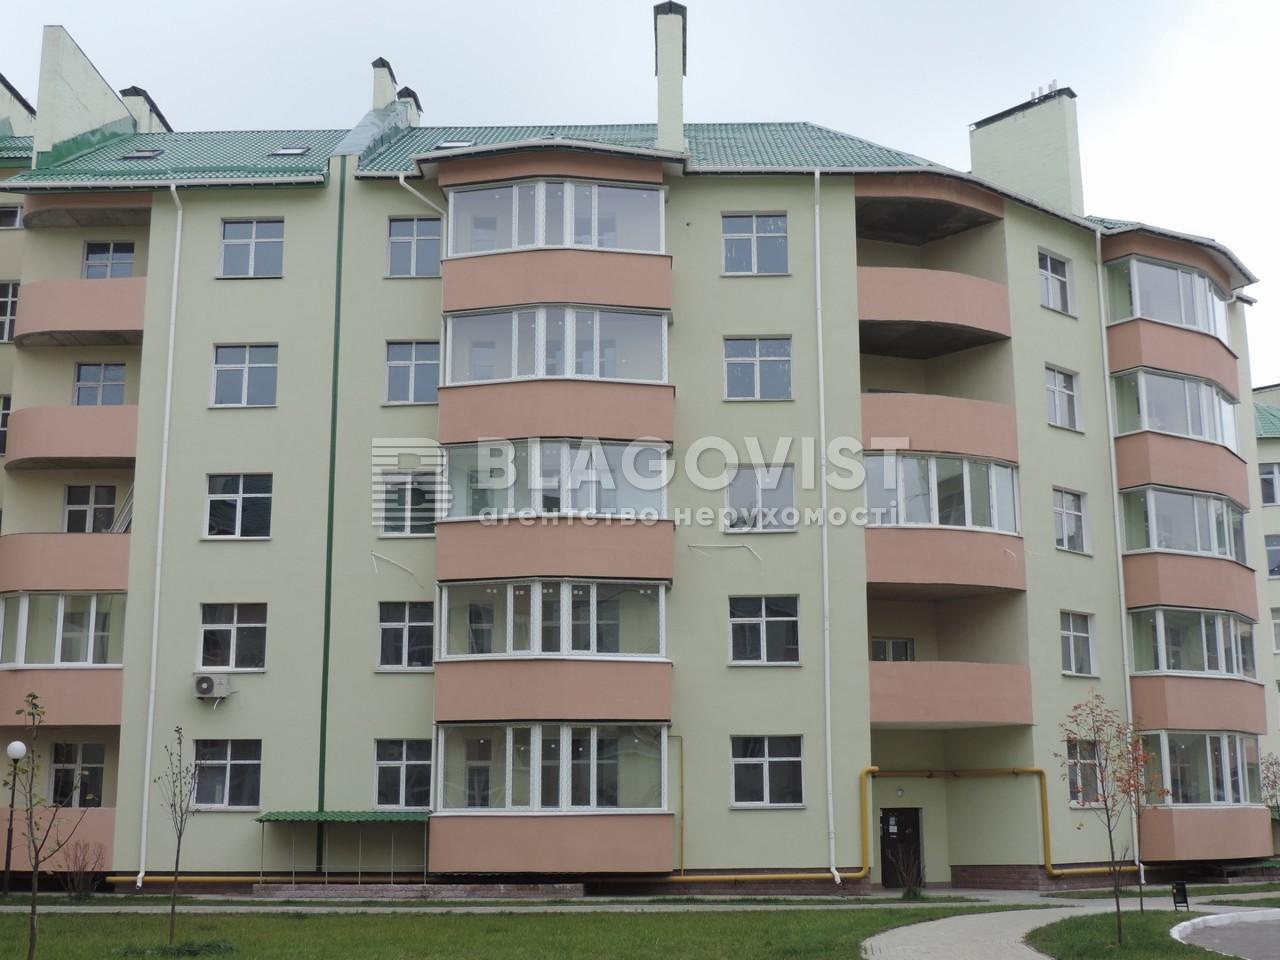 Квартира F-39441, Борщаговская, 30а, Петропавловская Борщаговка - Фото 1